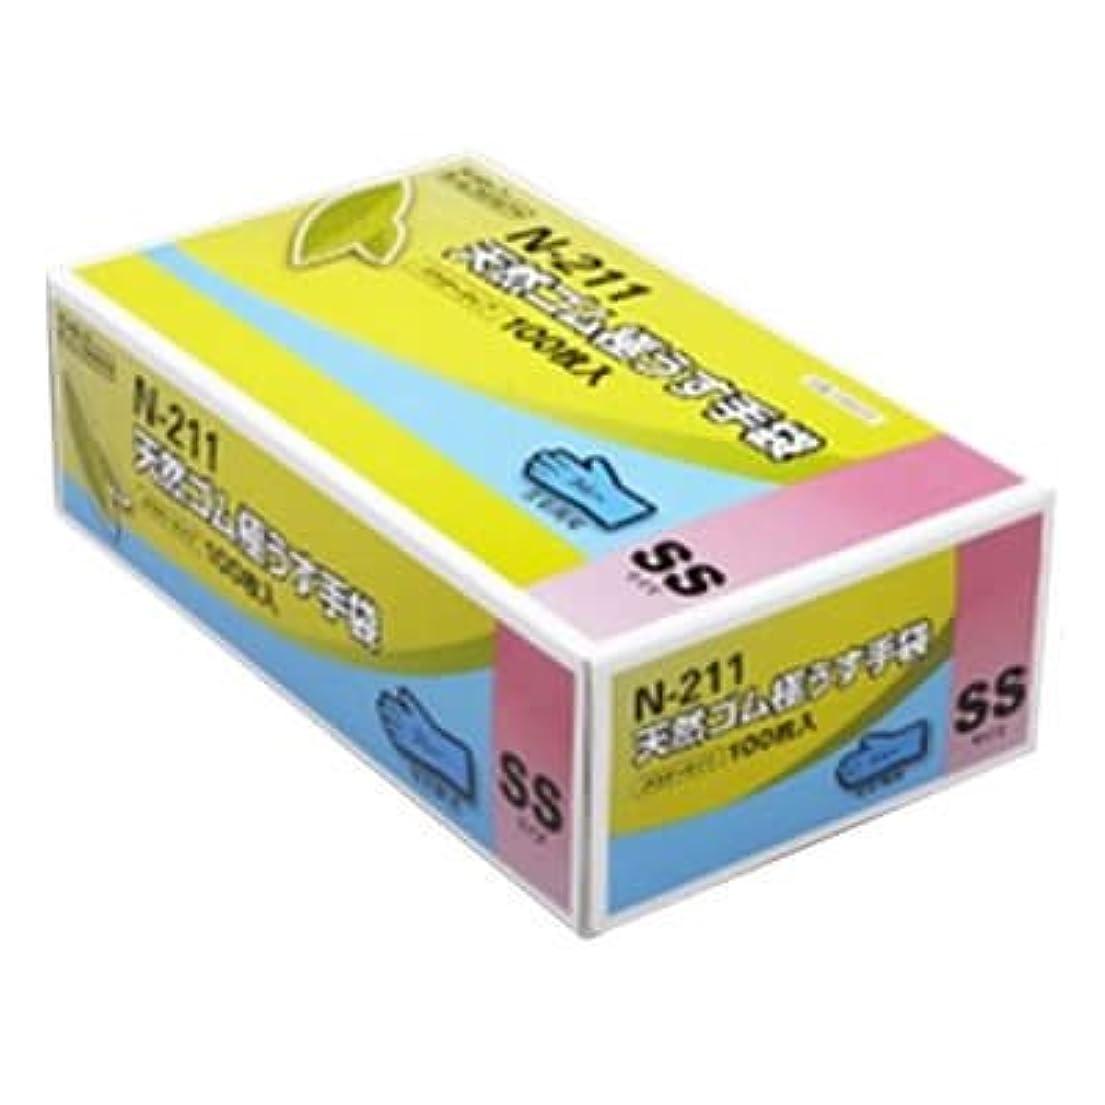 失態レスリング出血【ケース販売】 ダンロップ 天然ゴム極うす手袋 N-211 SS ブルー (100枚入×20箱)